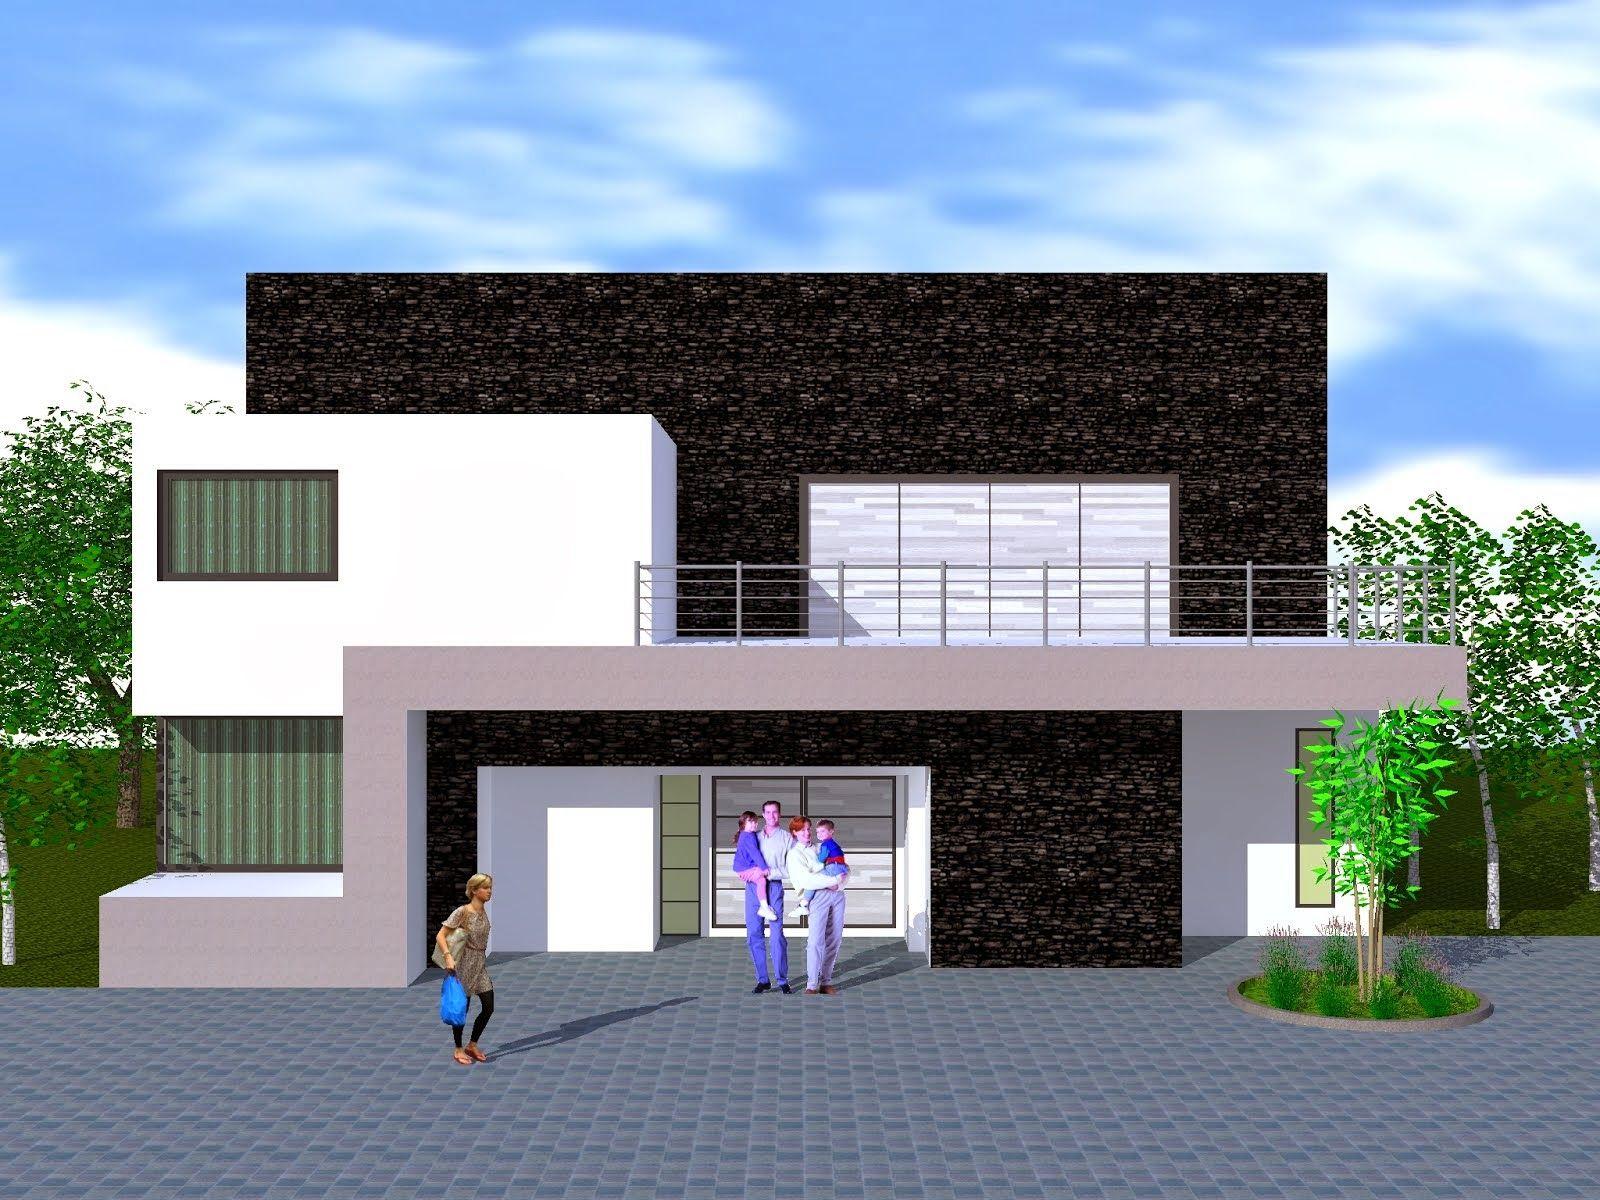 Dise os de rejas para frentes de casas minimalistas for Disenos de frentes de casas